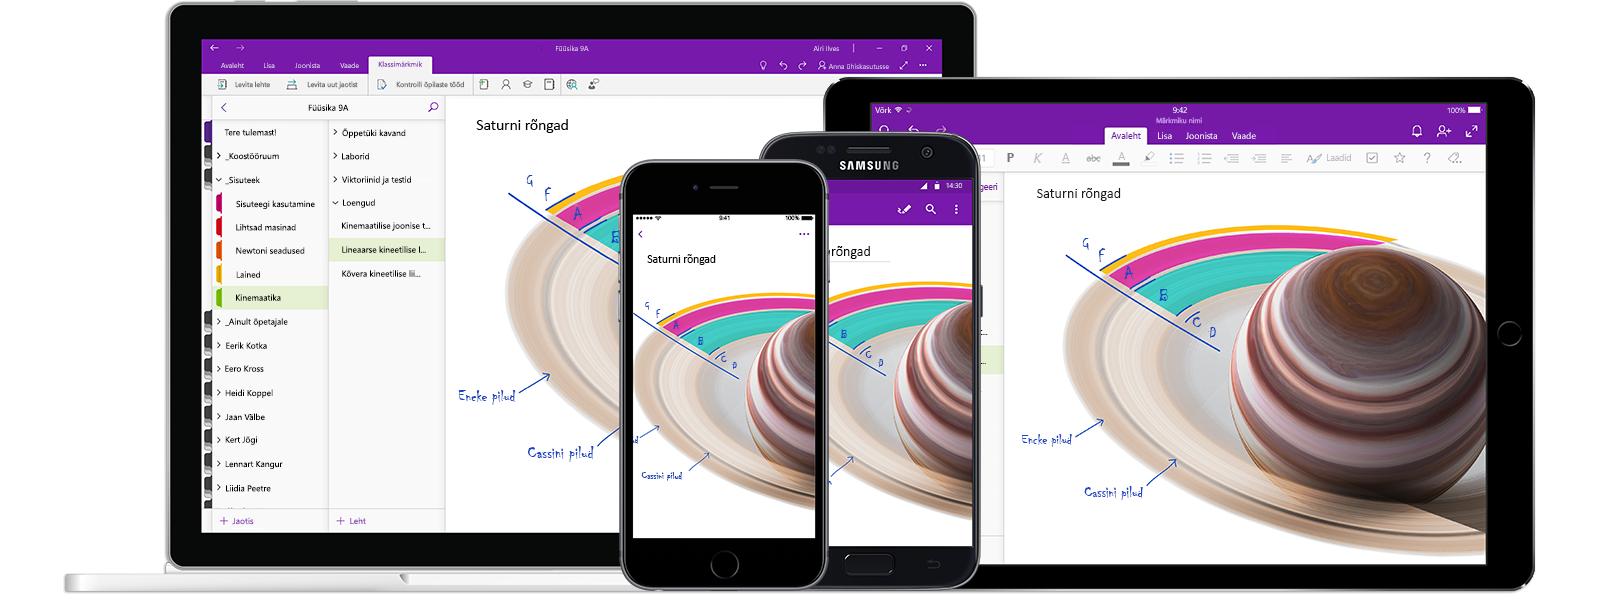 """Kahe nutitelefoni ja tahvelarvuti ekraanilt paistev OneNote'i märkmik nimega """"9A füüsikateadus"""", kus on näha lineaarsete graafide õppematerjal"""